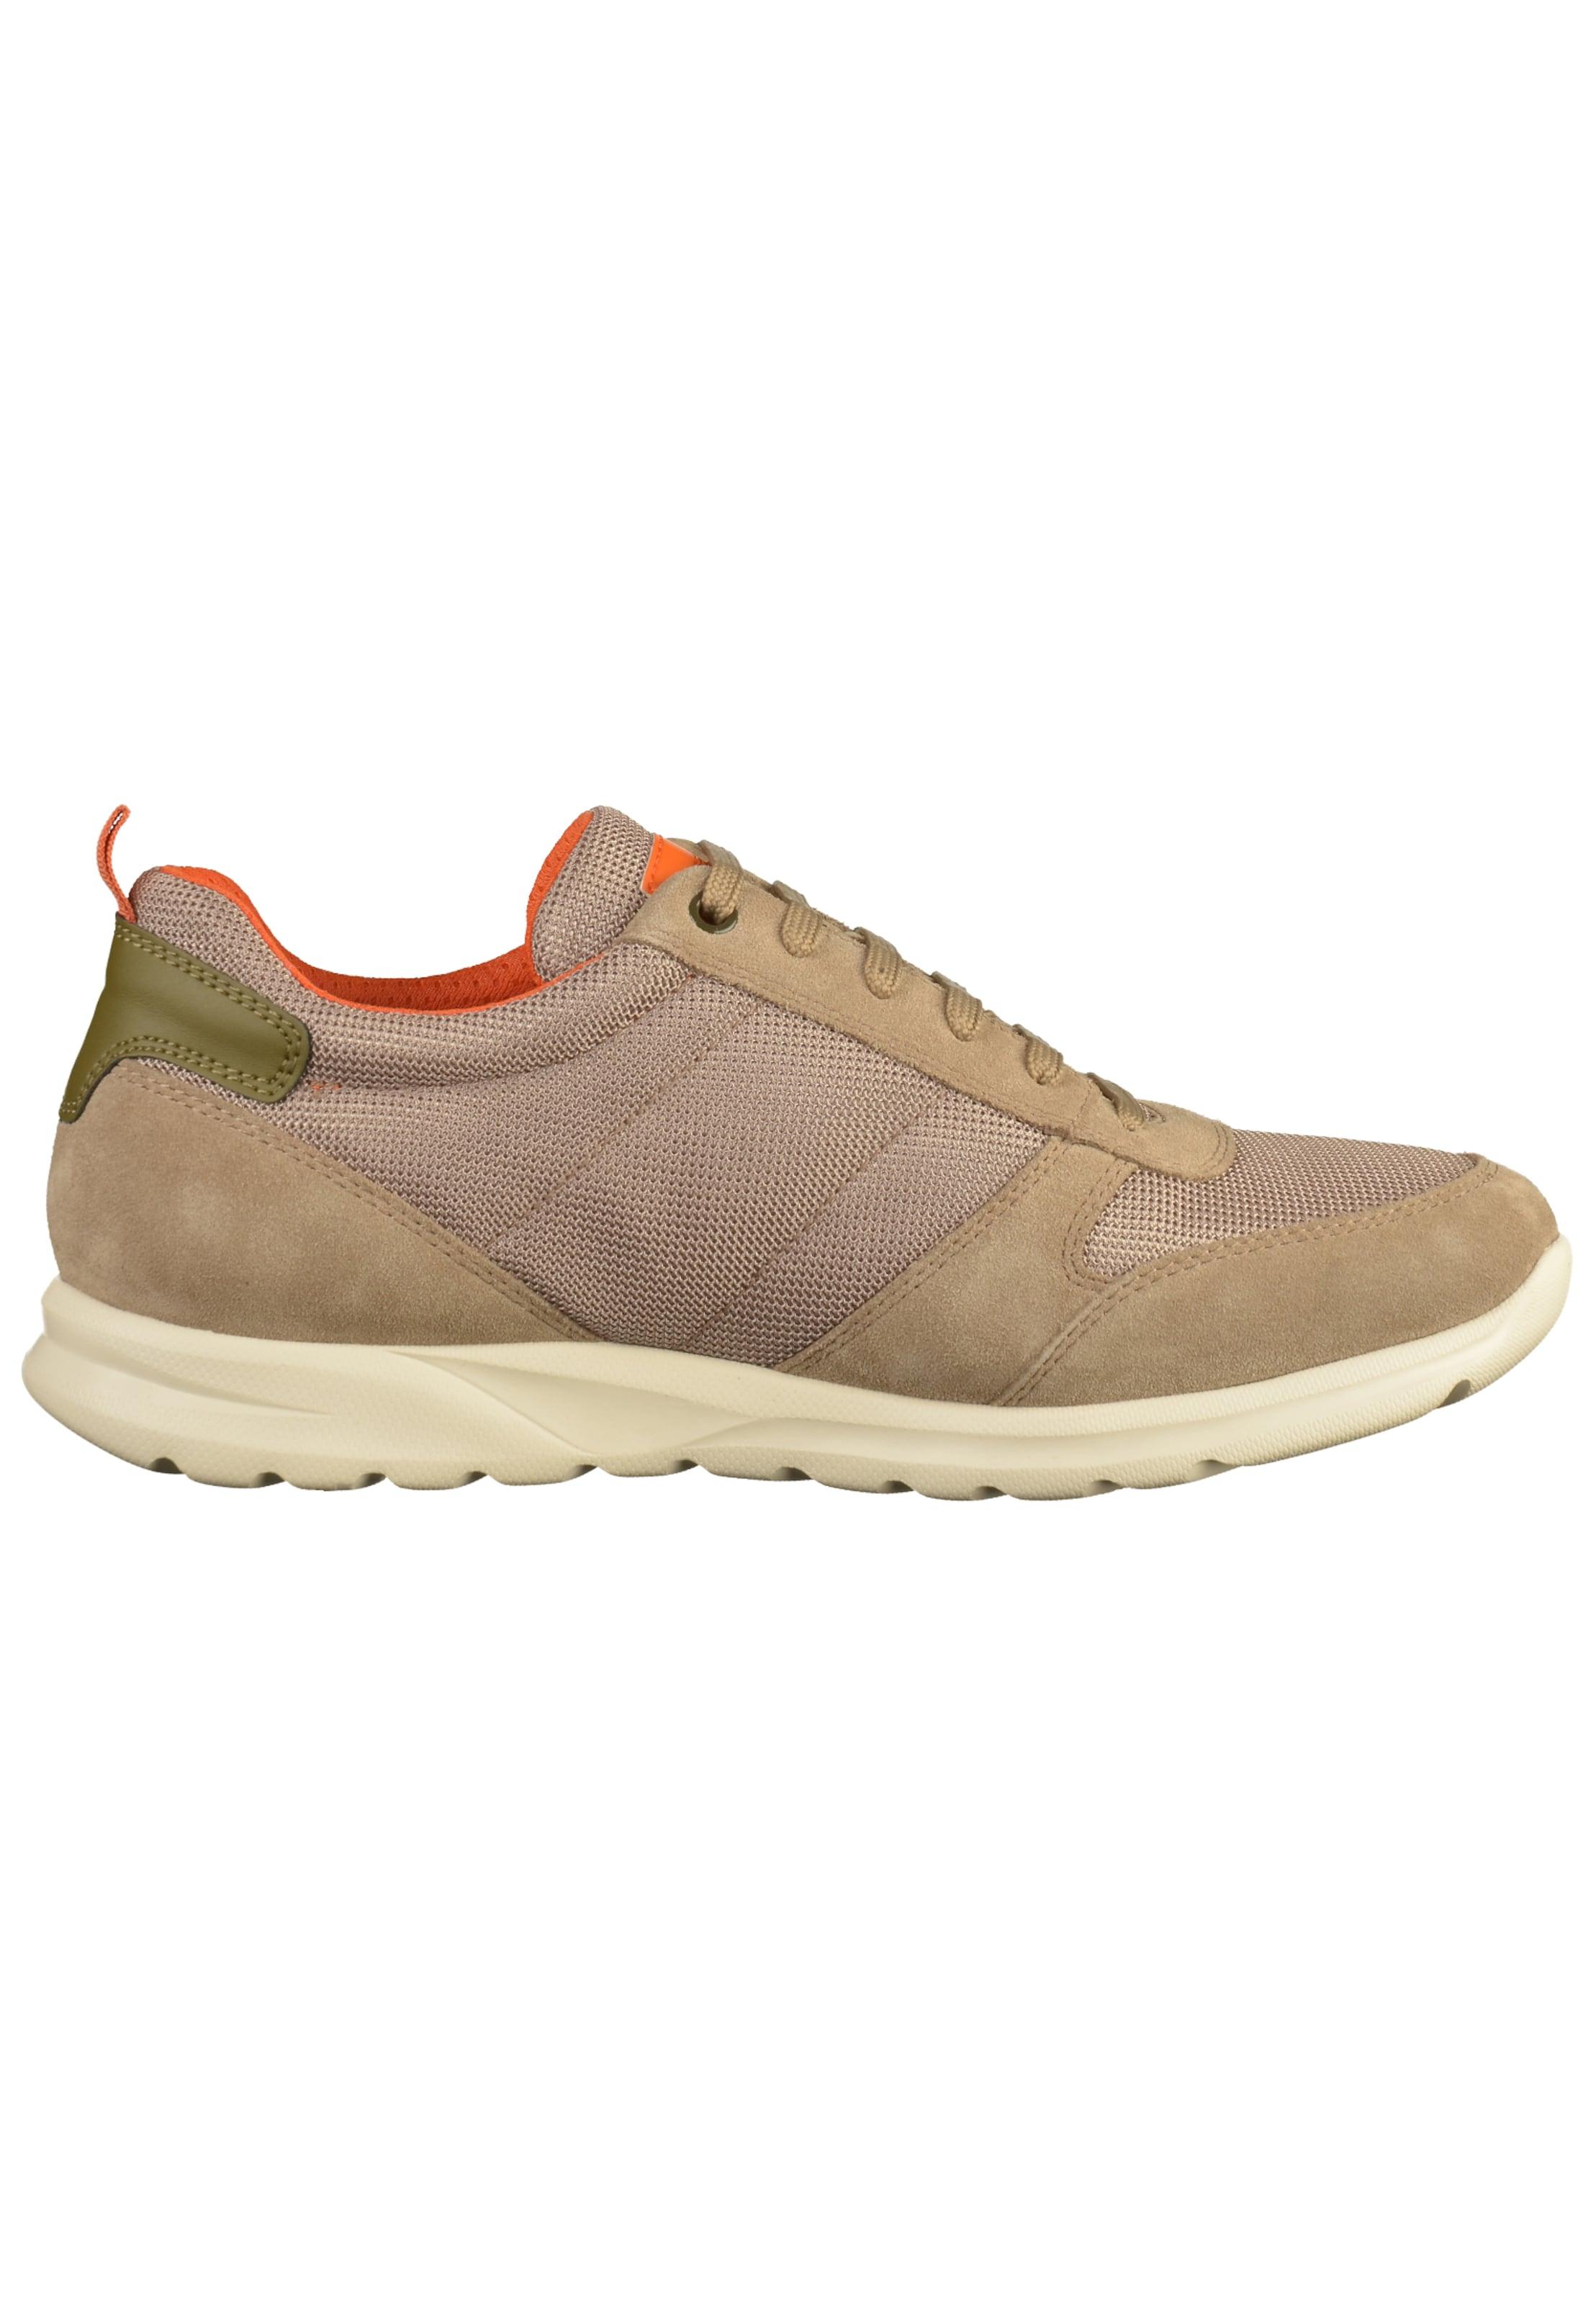 BeigeDunkelbeige Sneaker In Geox Geox BeigeDunkelbeige In BeigeDunkelbeige Geox Geox Sneaker Sneaker In gmyIbfY76v